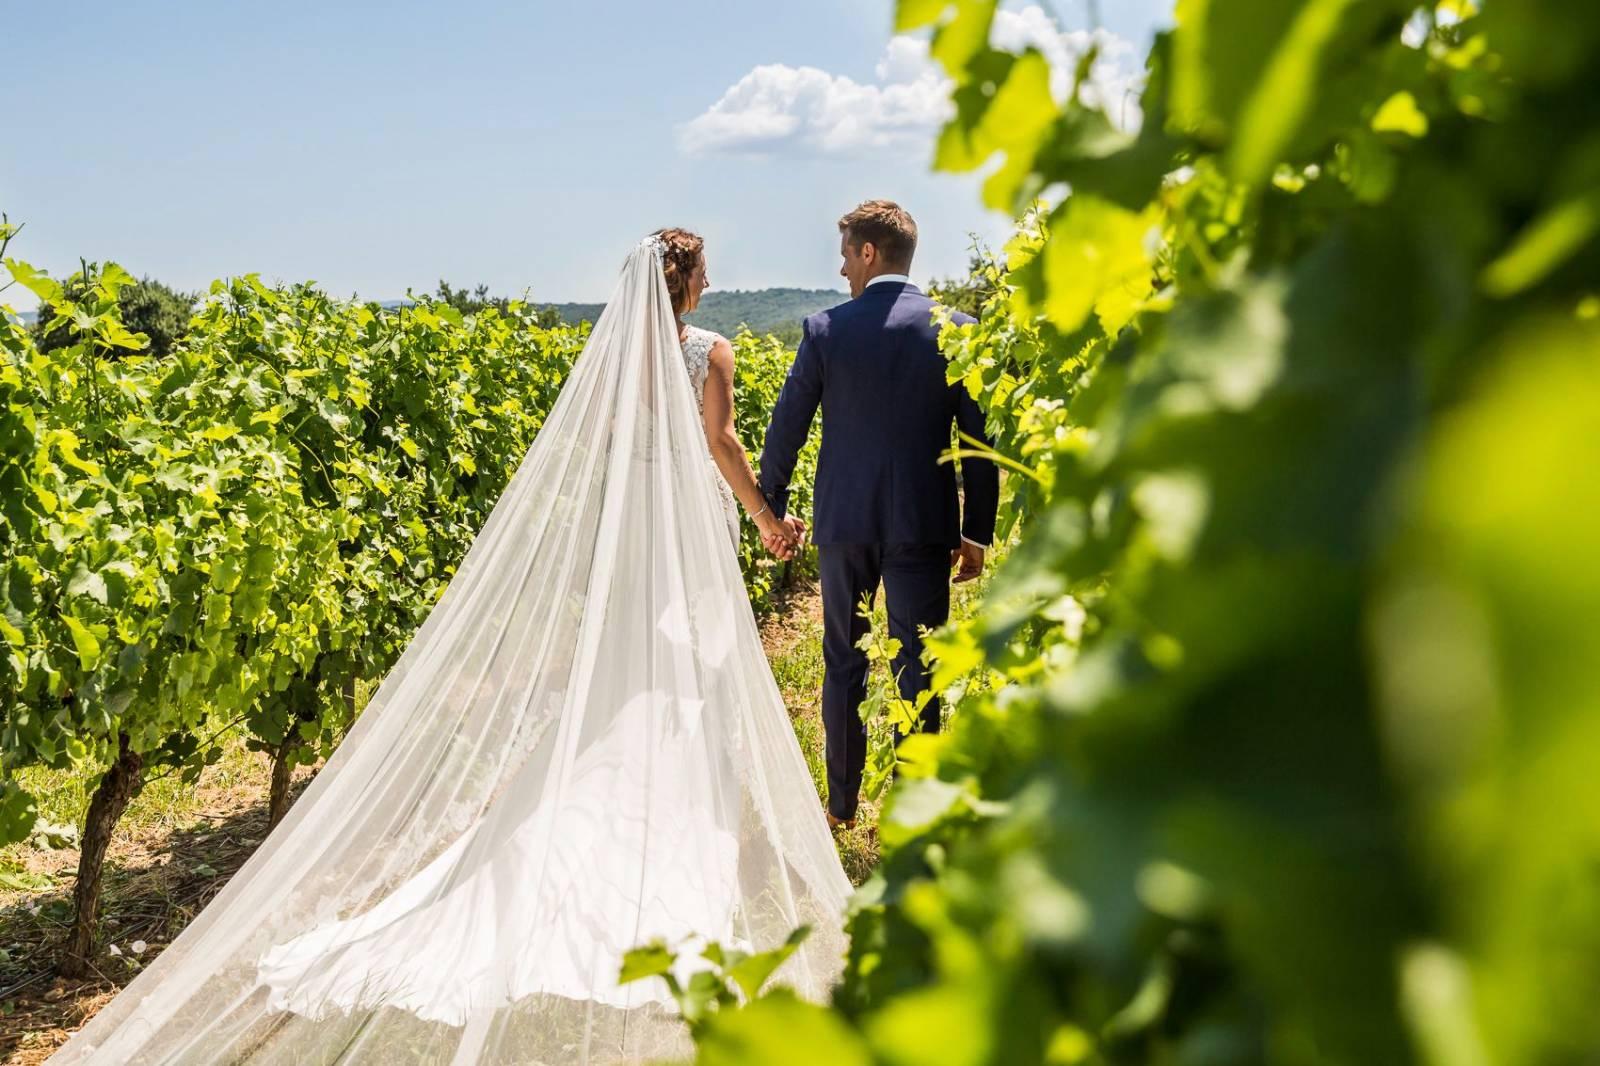 Cinderella Photographie - Trouwen in frankrijk - Huwelijksfotograaf - Trouwfotograaf - House of Weddings - 15